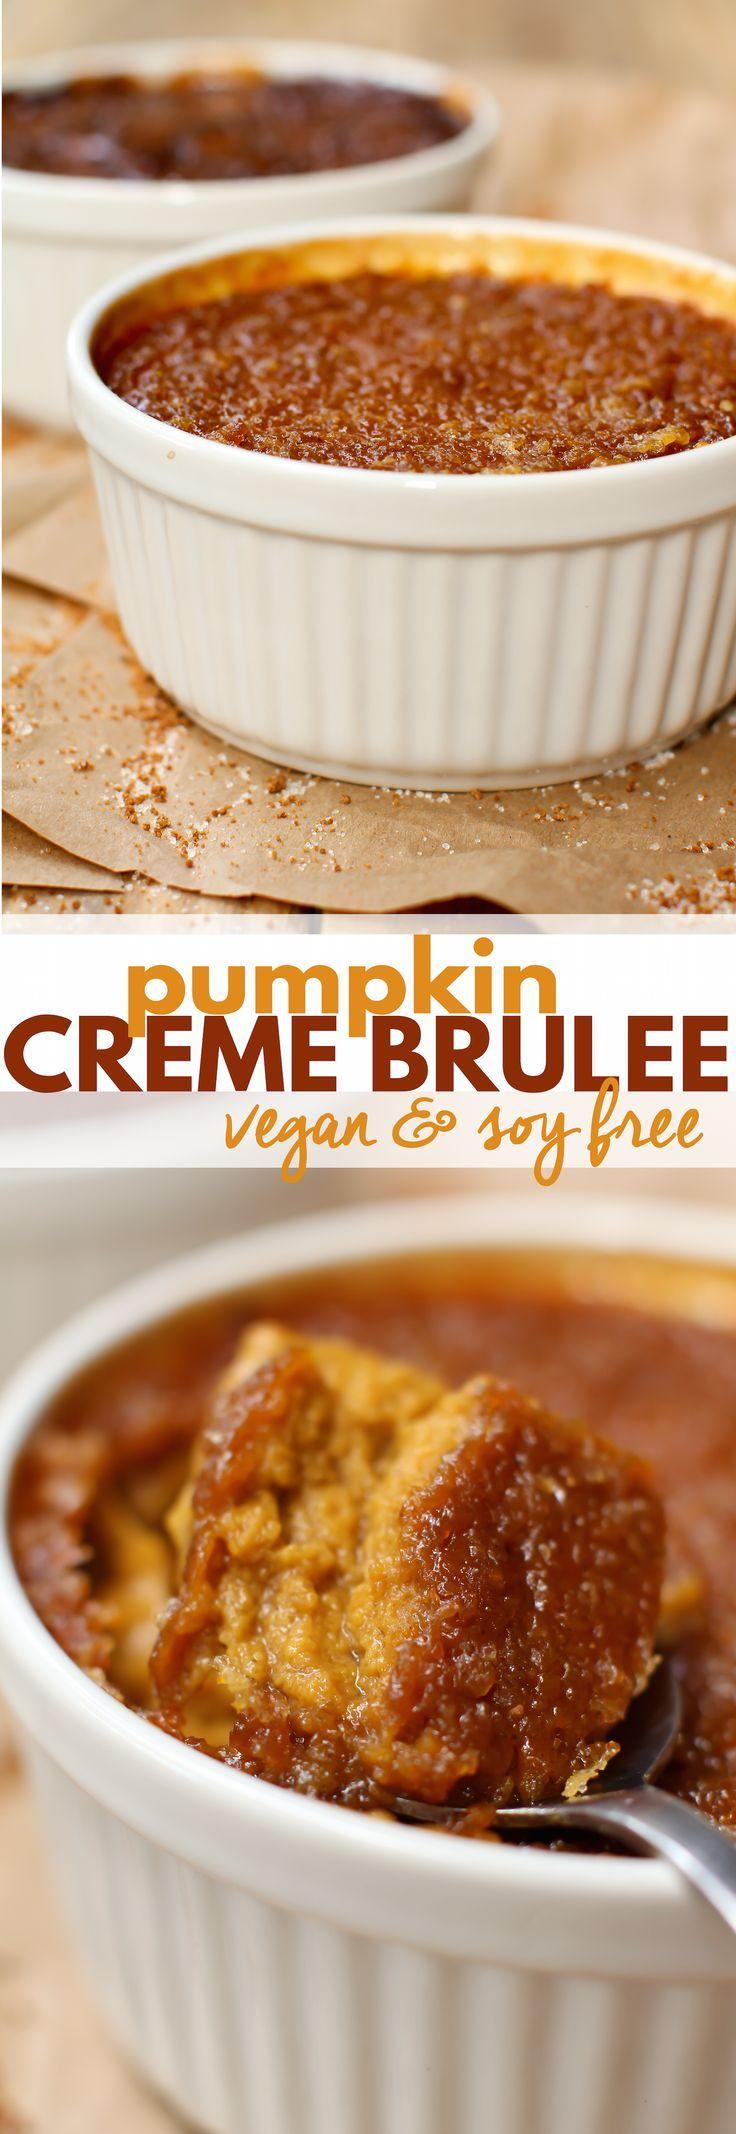 Vegan Pumpkin Creme Brûlée